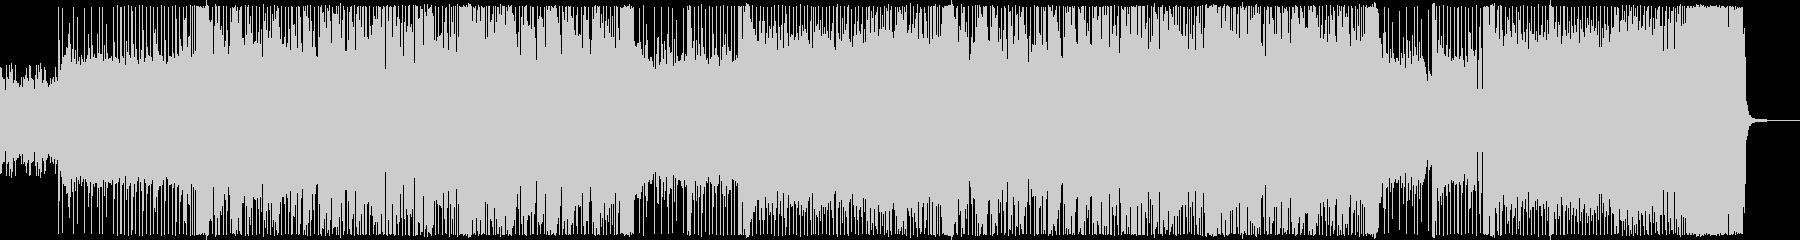 ノリの良い疾走感のあるロック調インストの未再生の波形